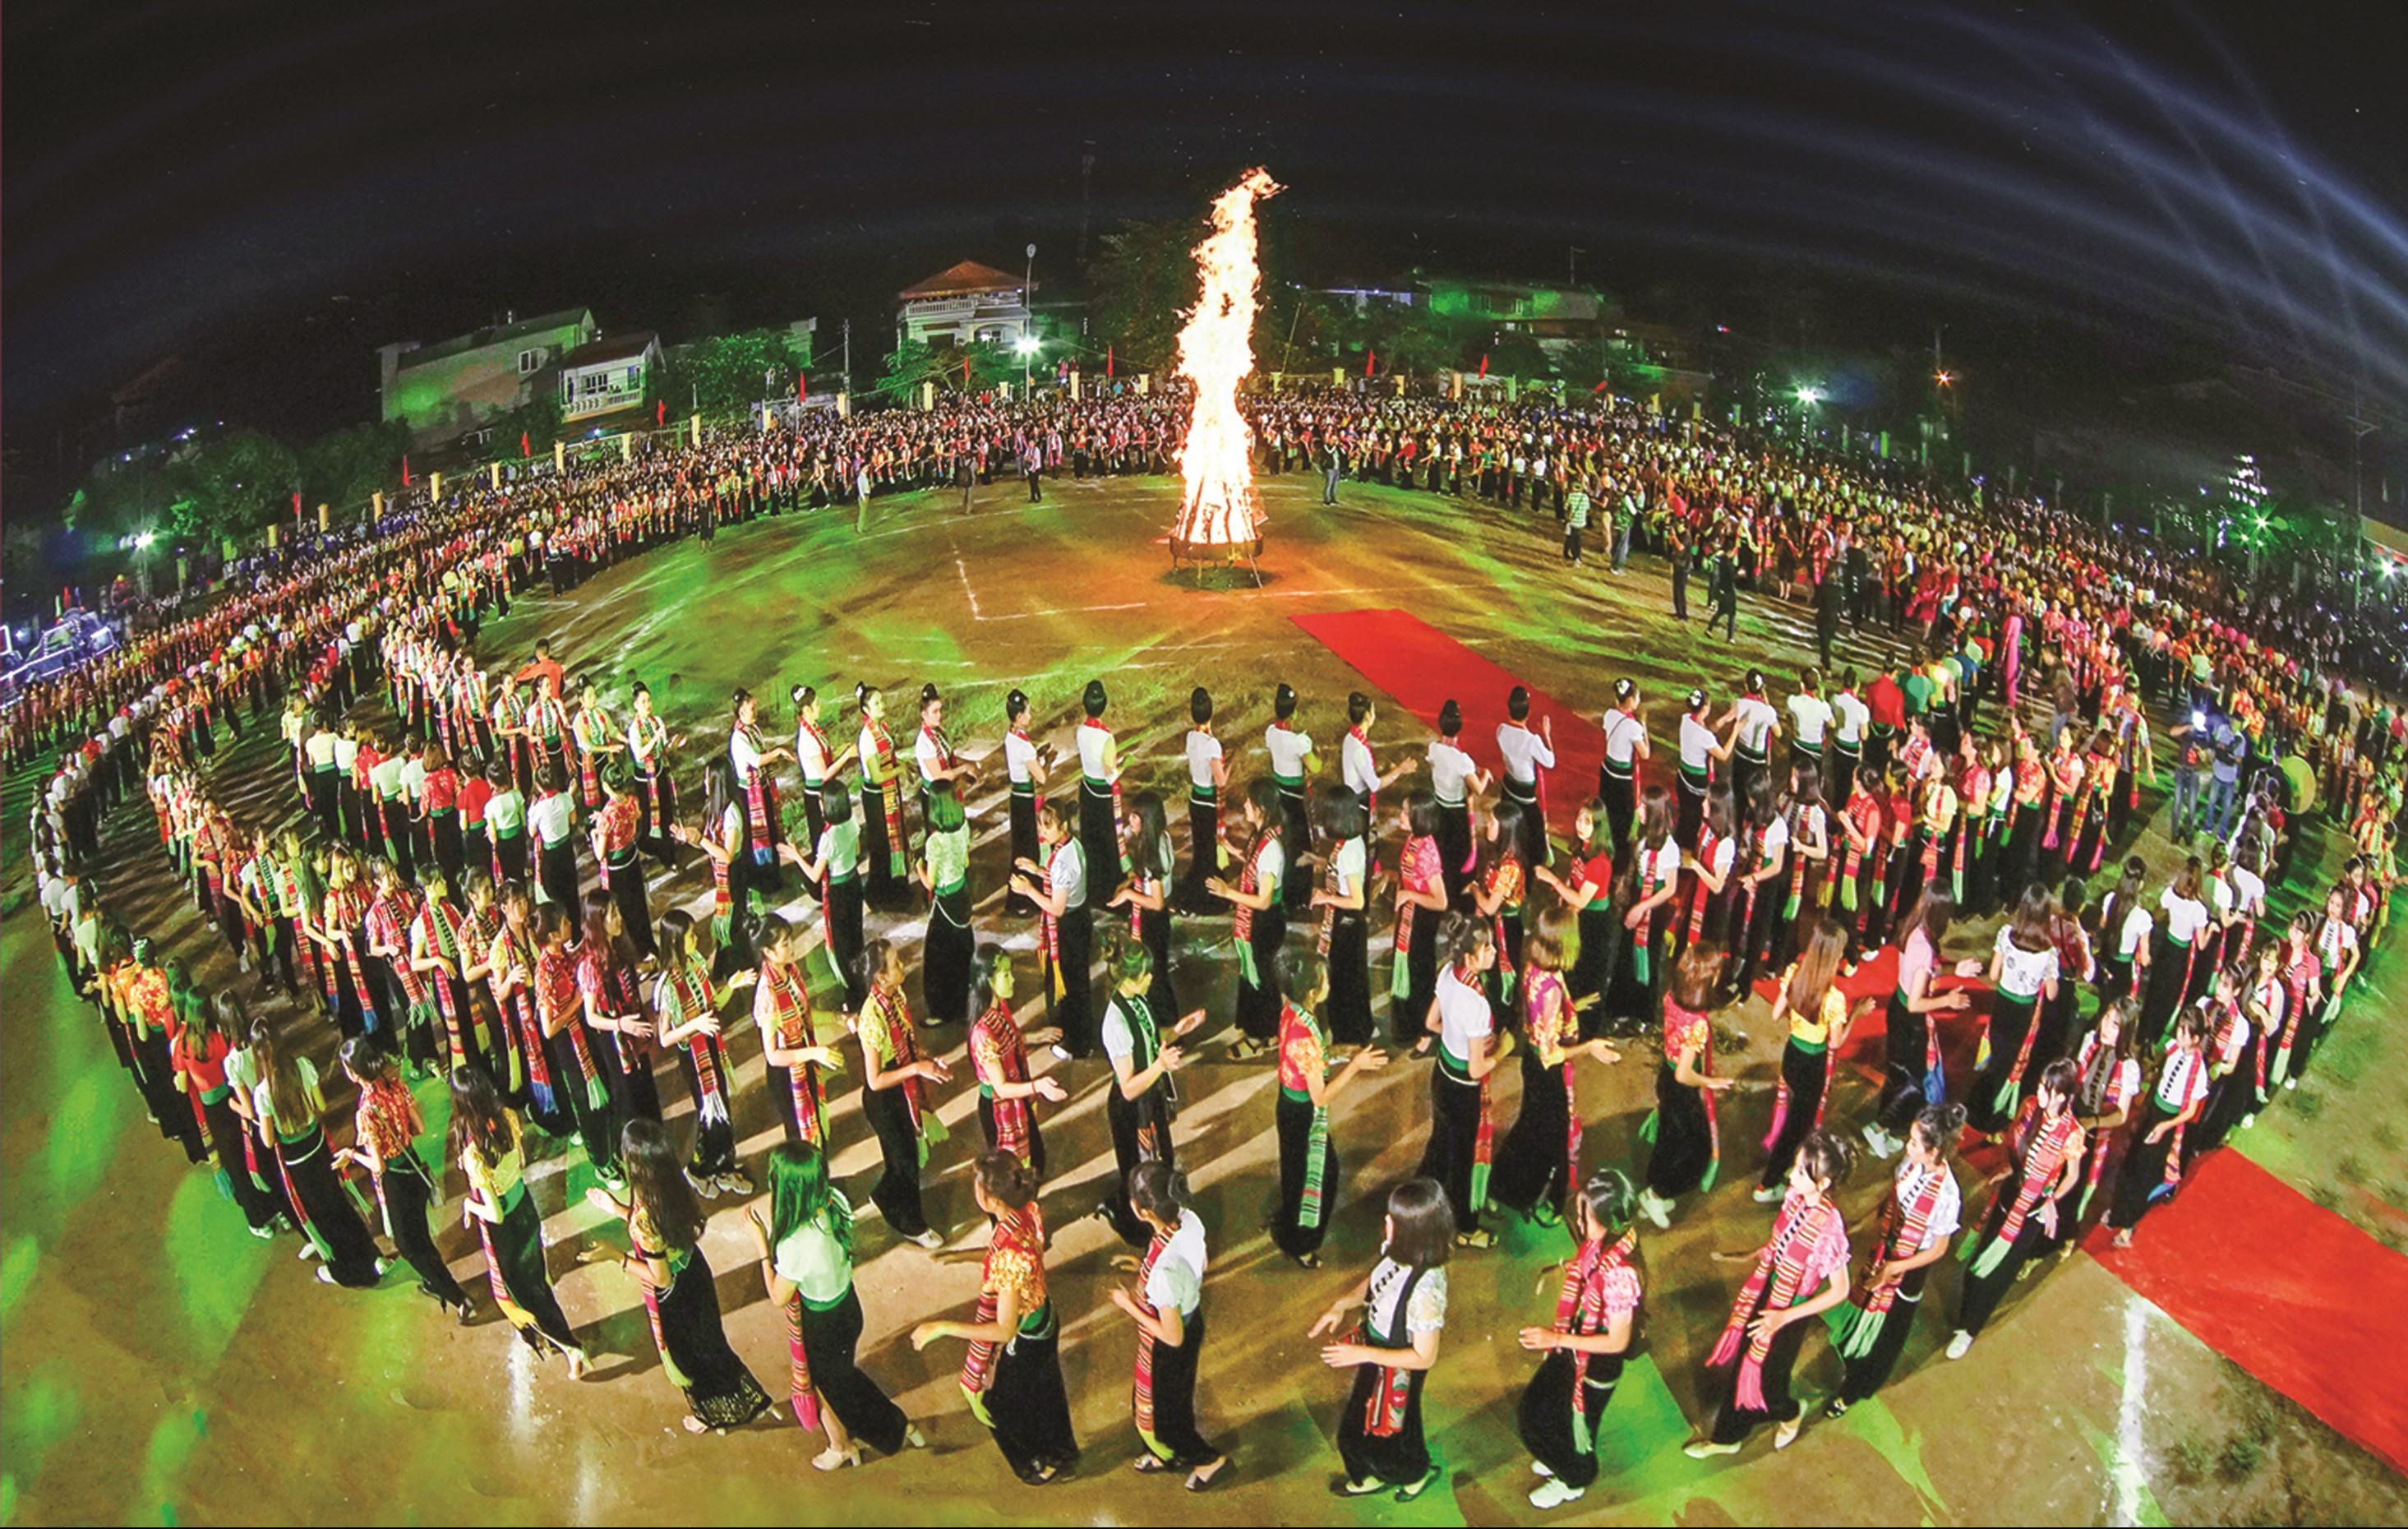 Màn xòe Thái tại Lễ hội Văn hóa, Du lịch Mường Lò năm 2018.